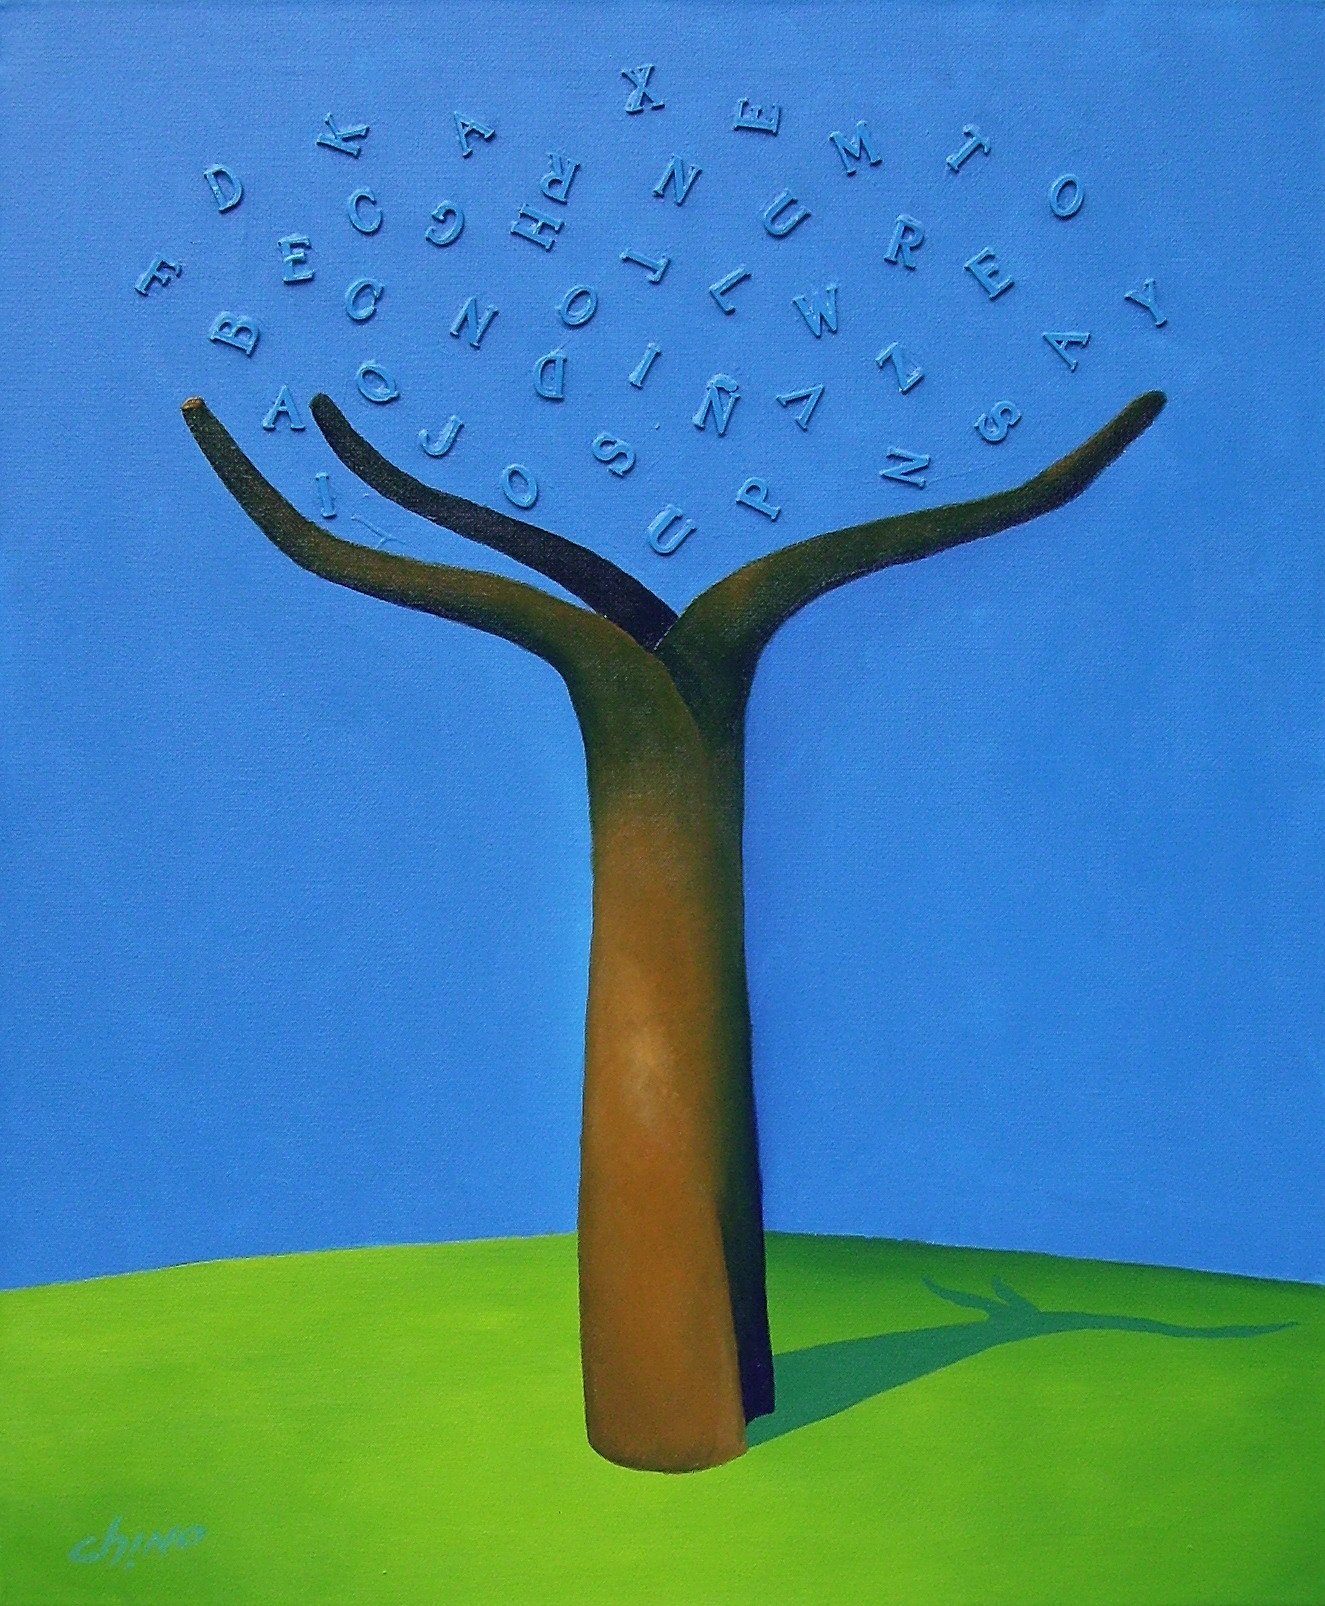 Árbol 09- Técnica mixta sobre tela- 60 x 50 cm.- 2006.